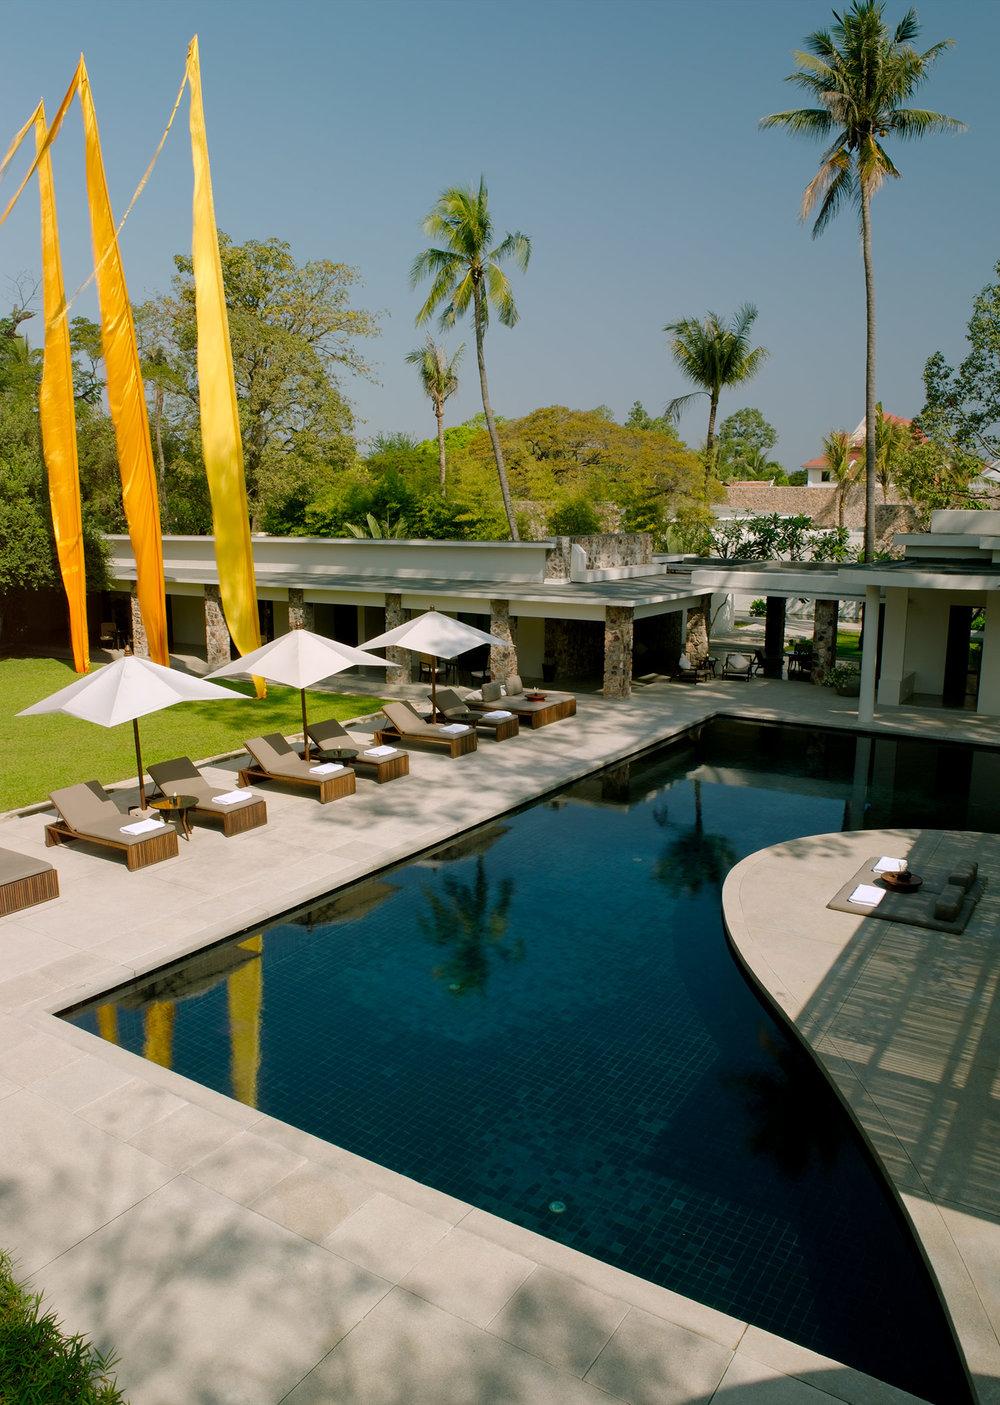 Sara-Main-Swimming-Pool-1.jpg